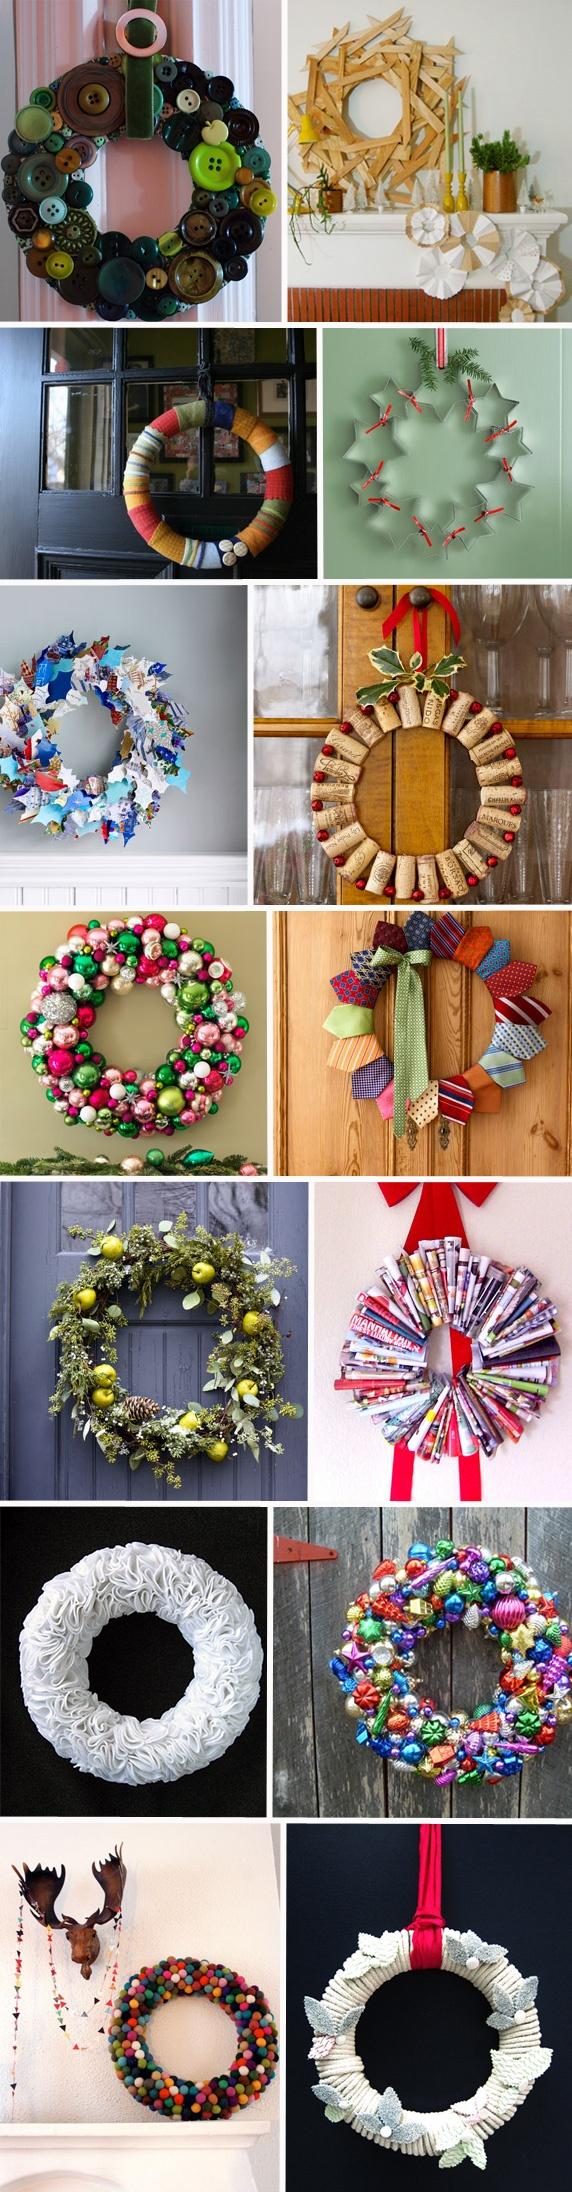 Des couronnes de Noël home made ! | Deco Décoration Design MyDz